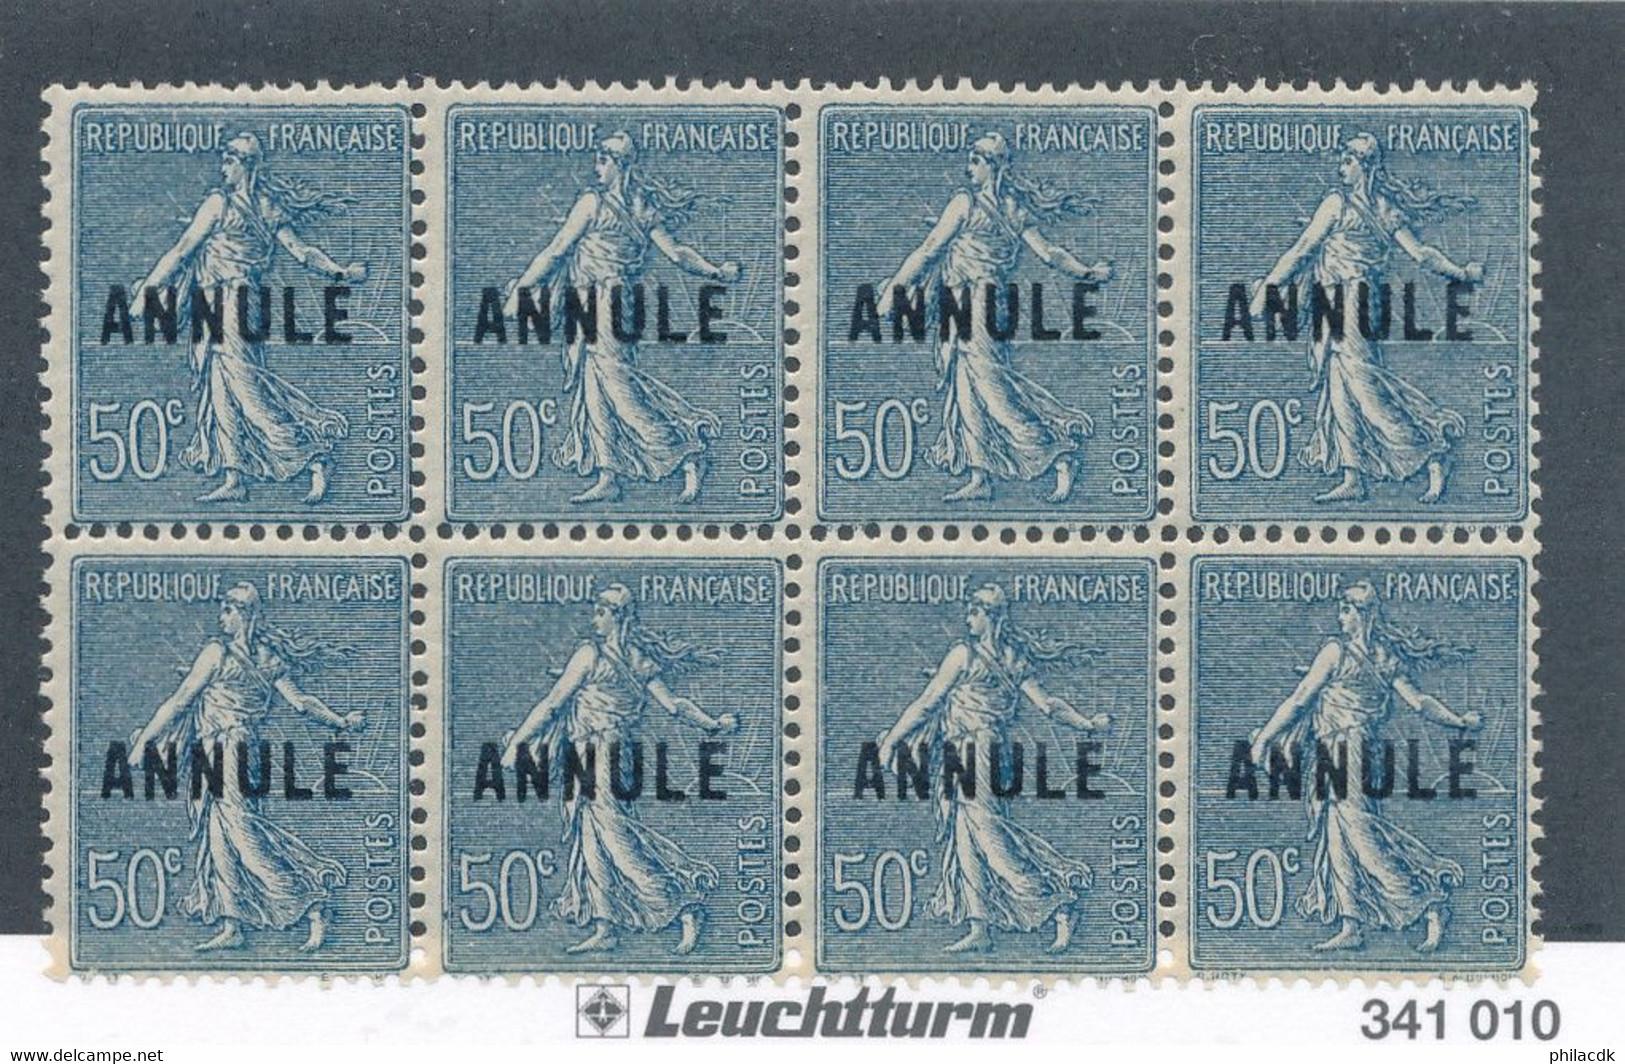 FRANCE - BLOC DE 8 COURS D'INSTRUCTION N° 161-CI2 NEUF* AVEC GOMME ALTEREE - 1923 - COTE MINI : 840€ - Instructional Courses